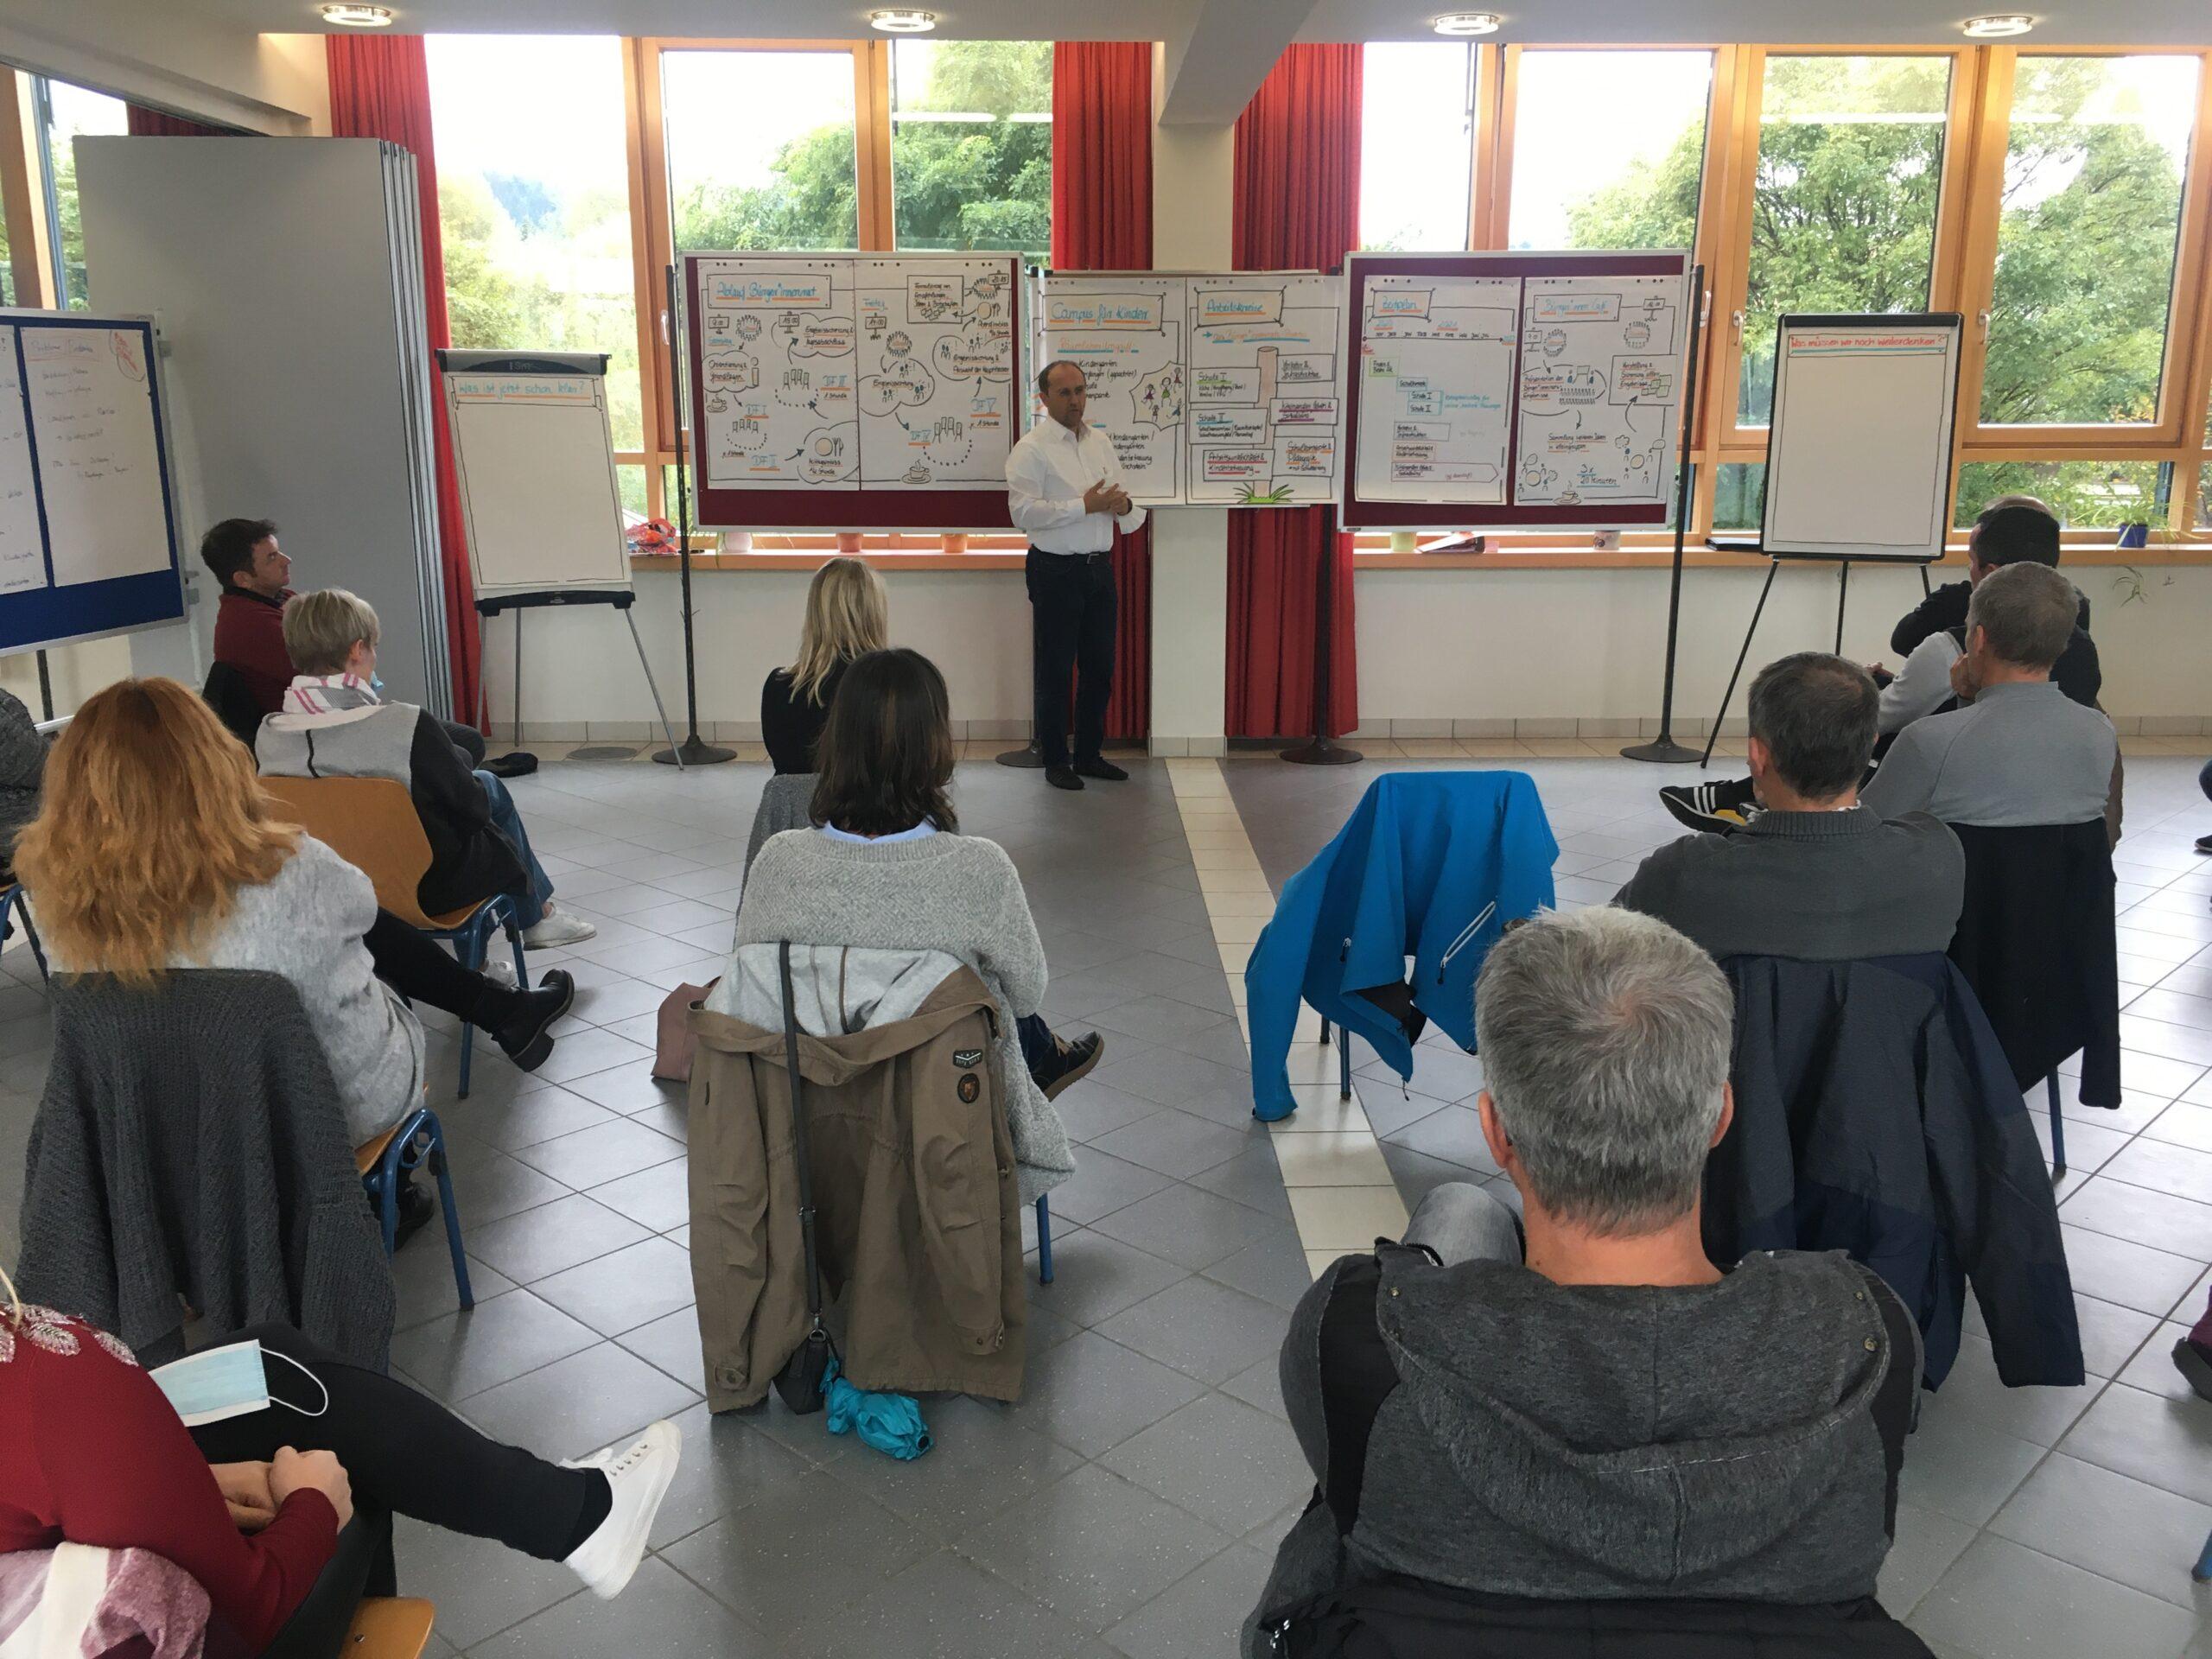 Bürgermeister Hans-Jörg Birner formiert die Arbeitskreise mit Gemeinde- und Bürgerrat und stellt den Zeitplan vor